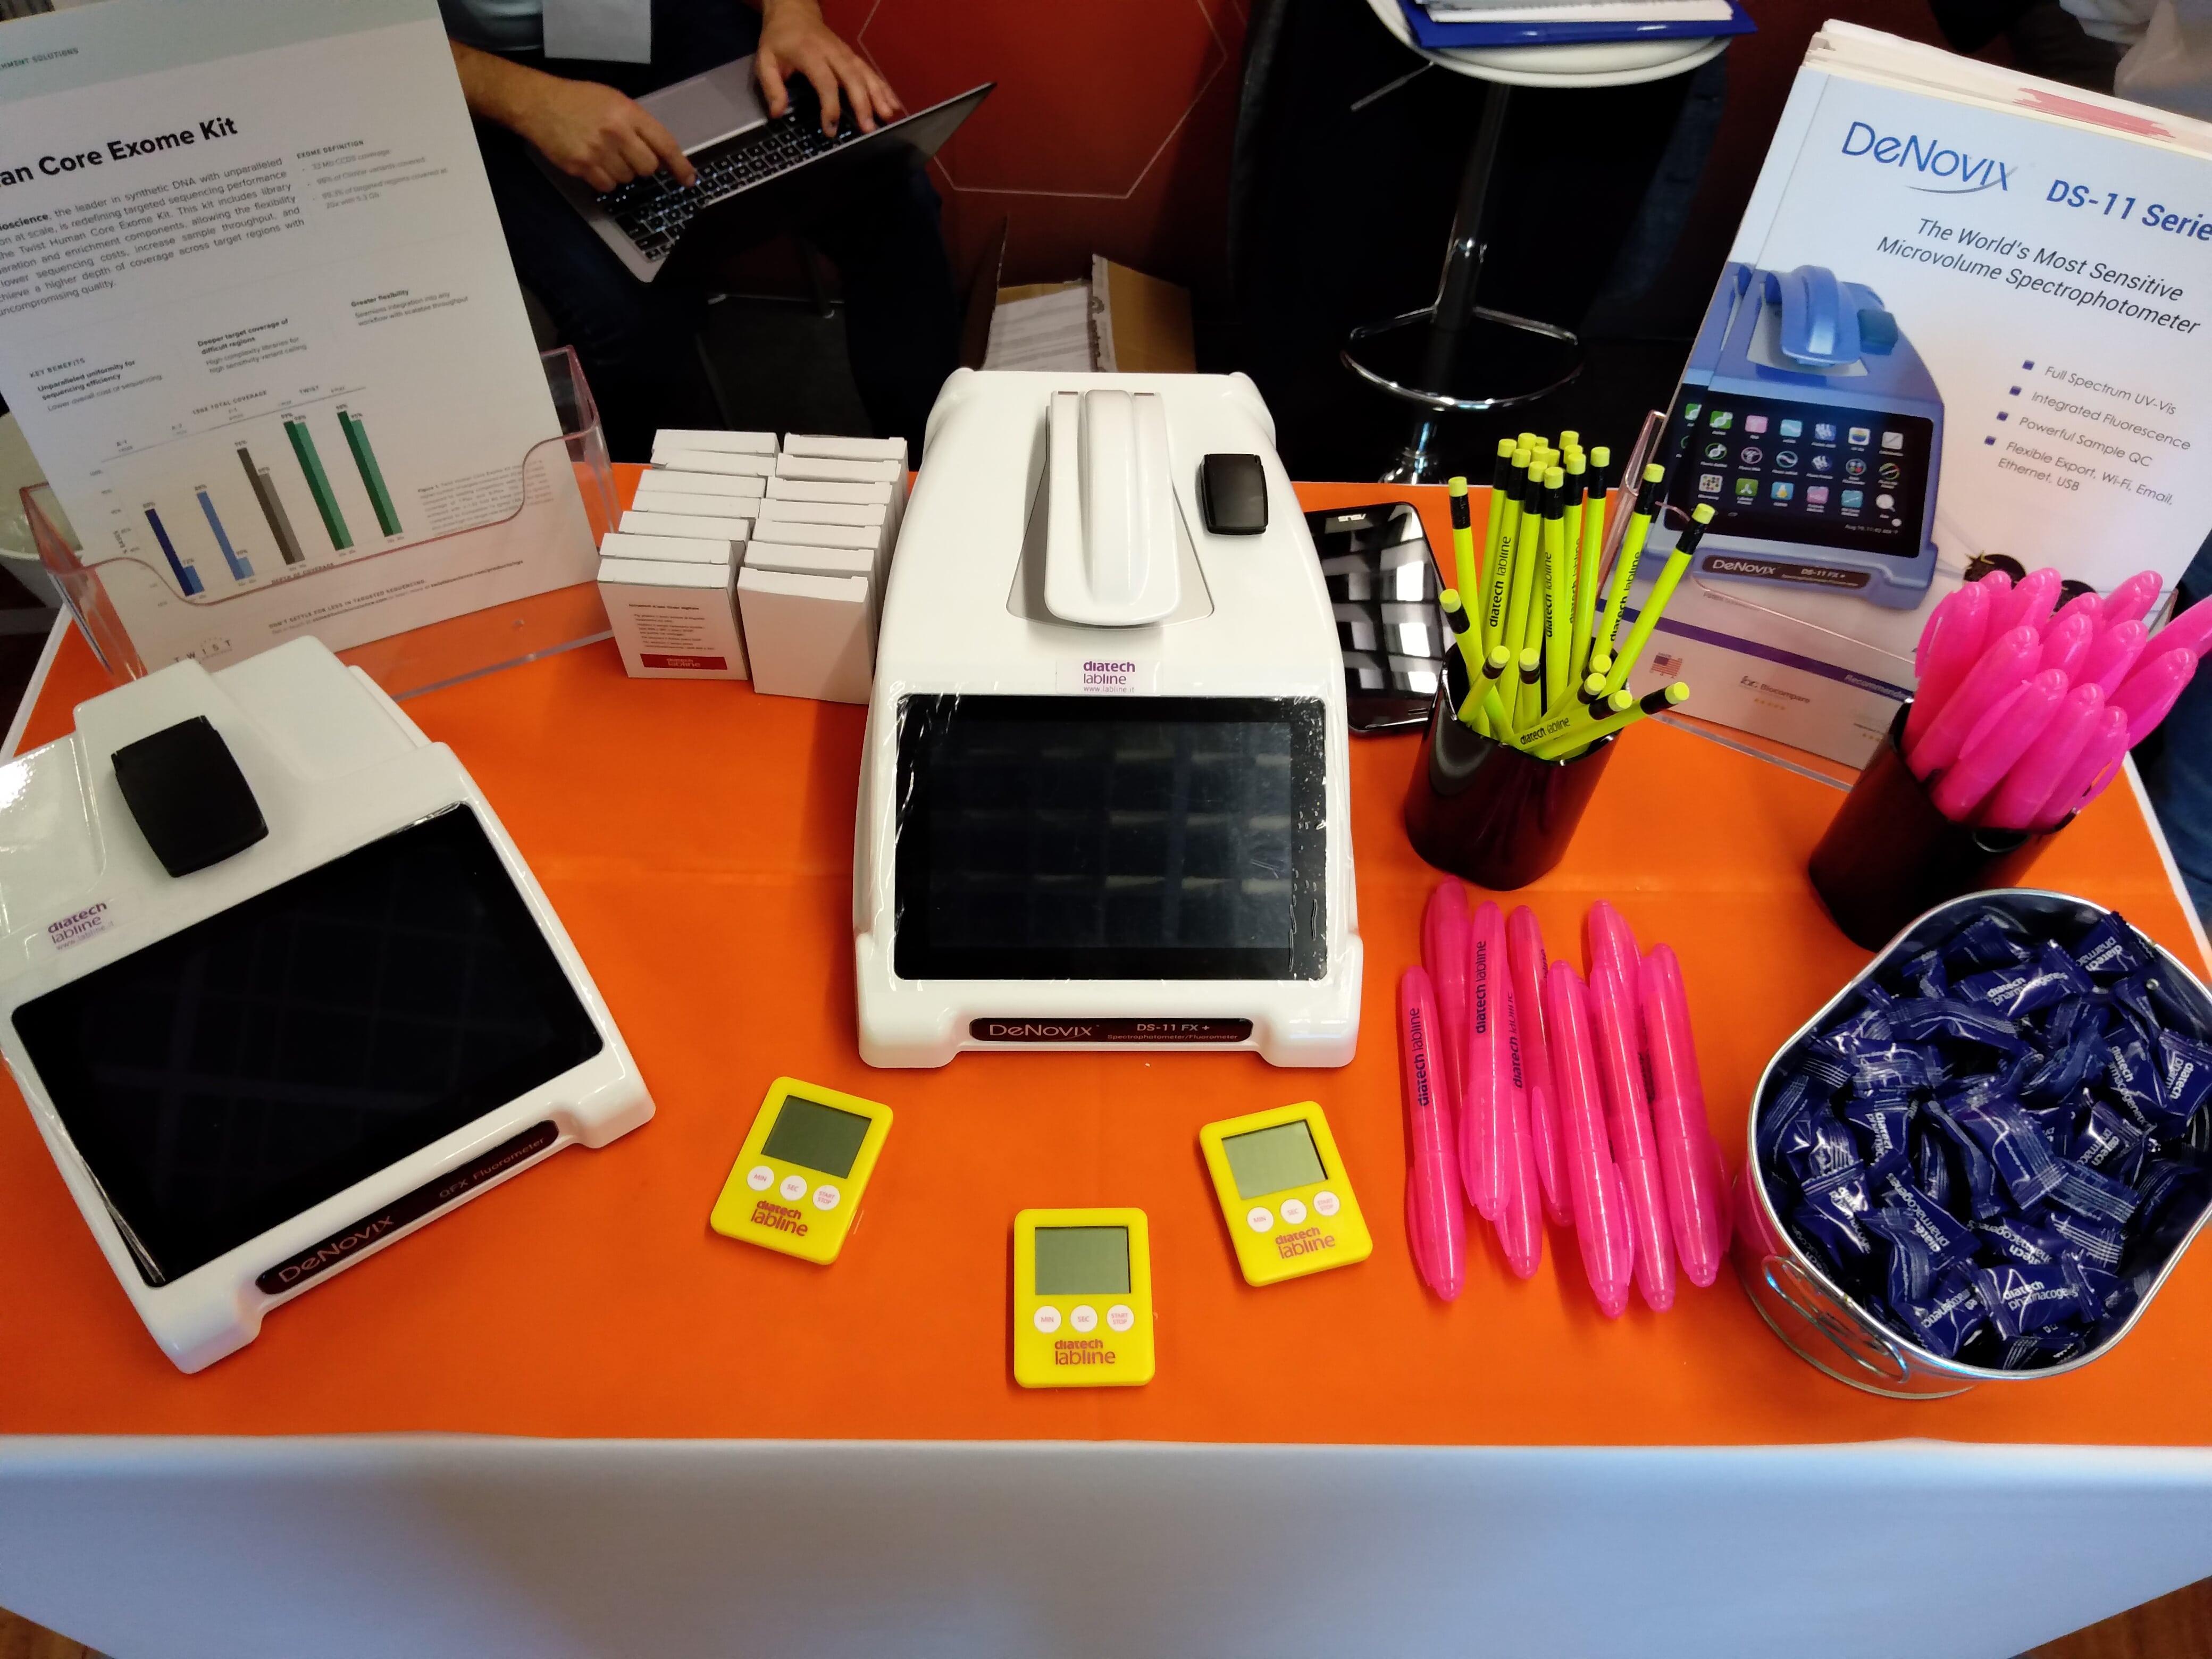 Diatech Labline gadget